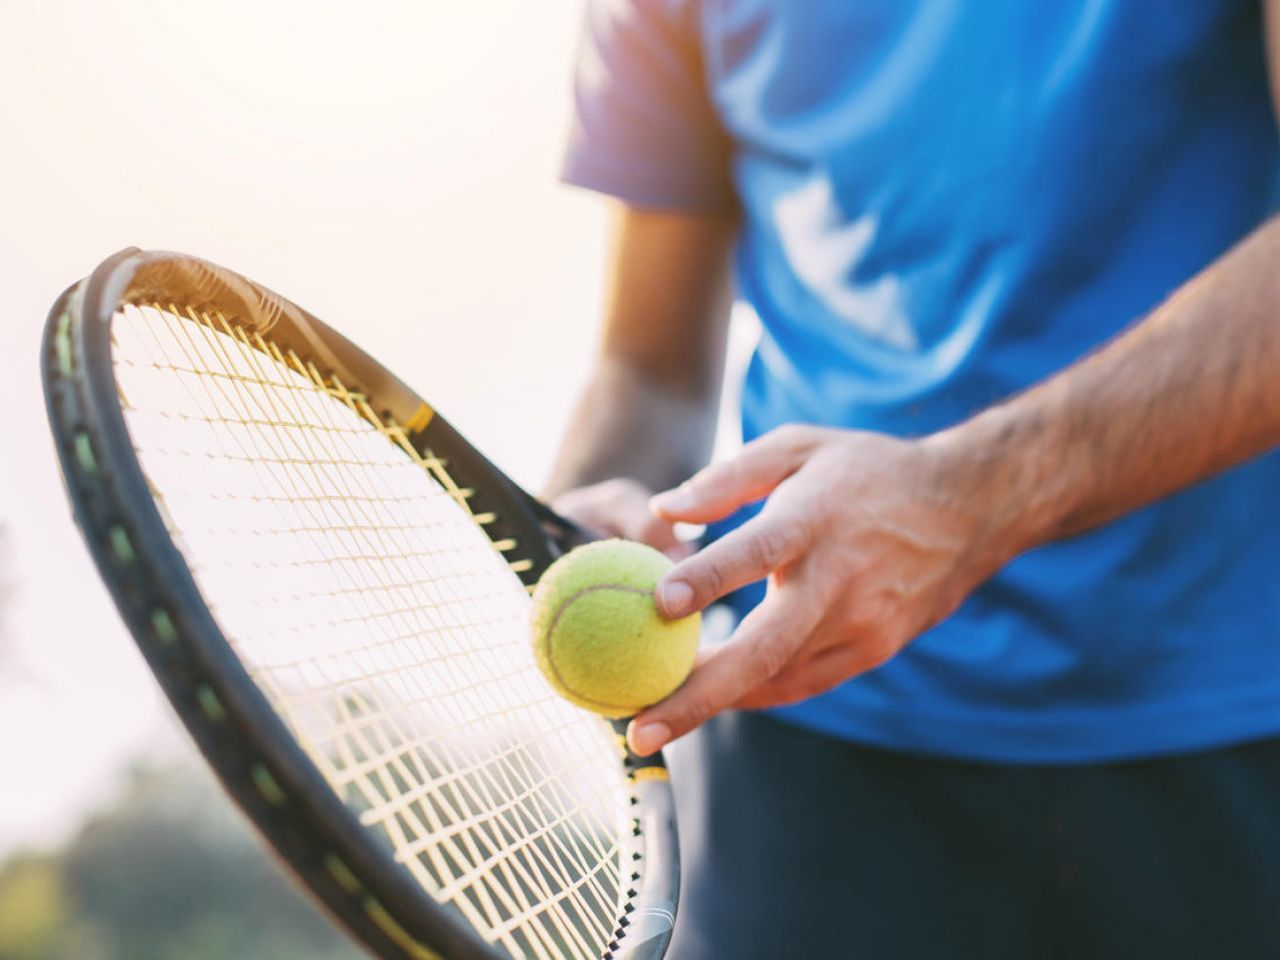 IBM、無観客の全米オープンテニスで新たなファン体験実現へ--AIやハイブリッドクラウド活用 - ZDNet Japan